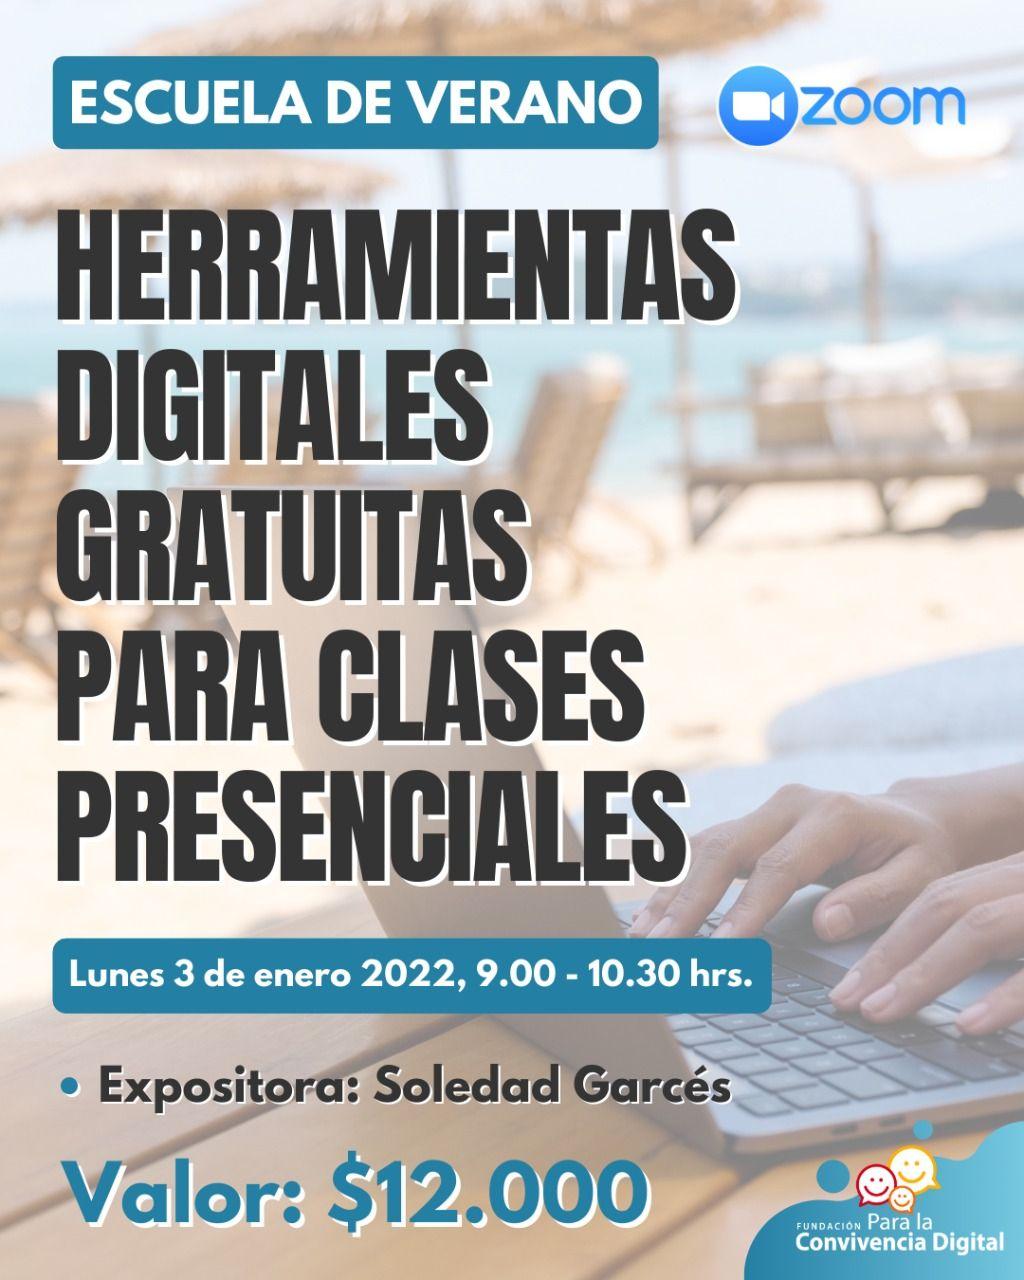 Herramientas digitales gratuitas para clases presenciales